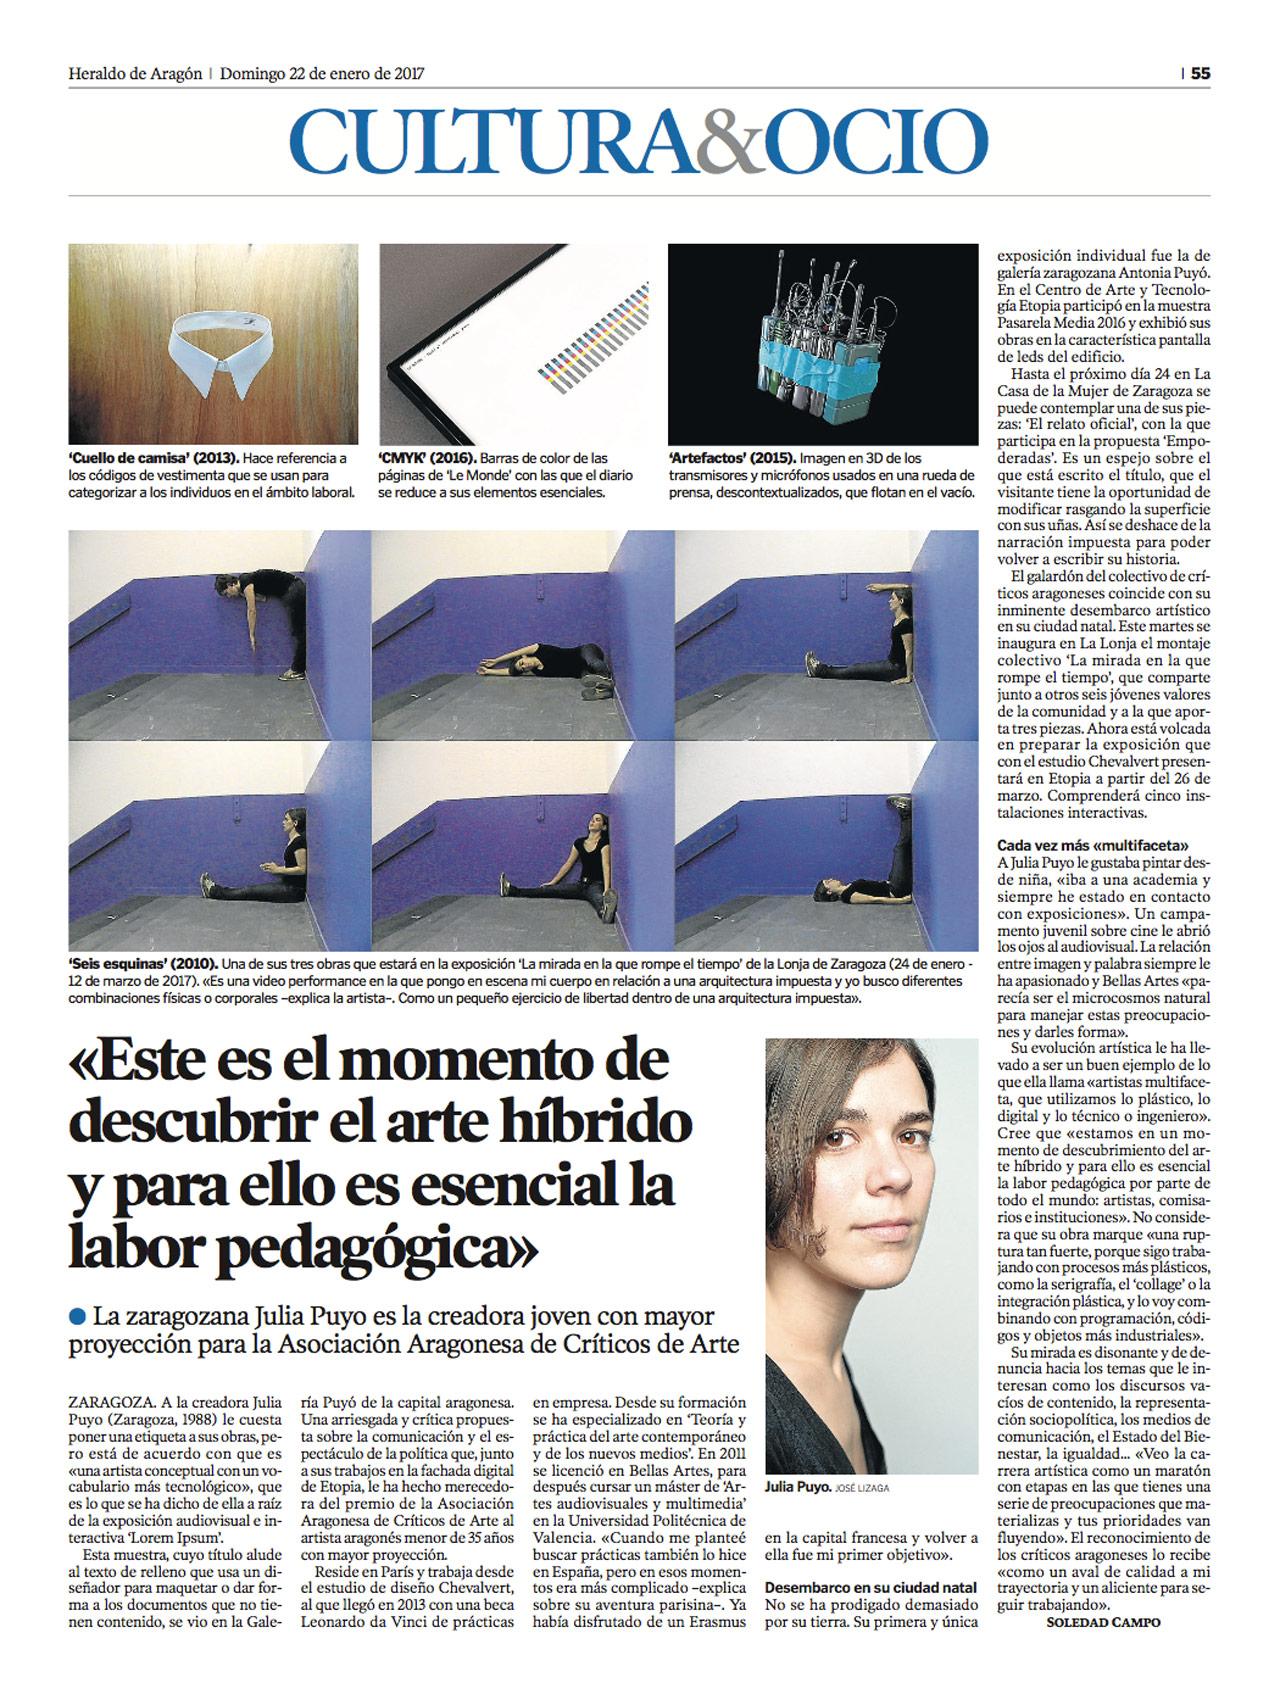 Heraldo De Aragón Julia Puyo premio AACA Soledad Campo